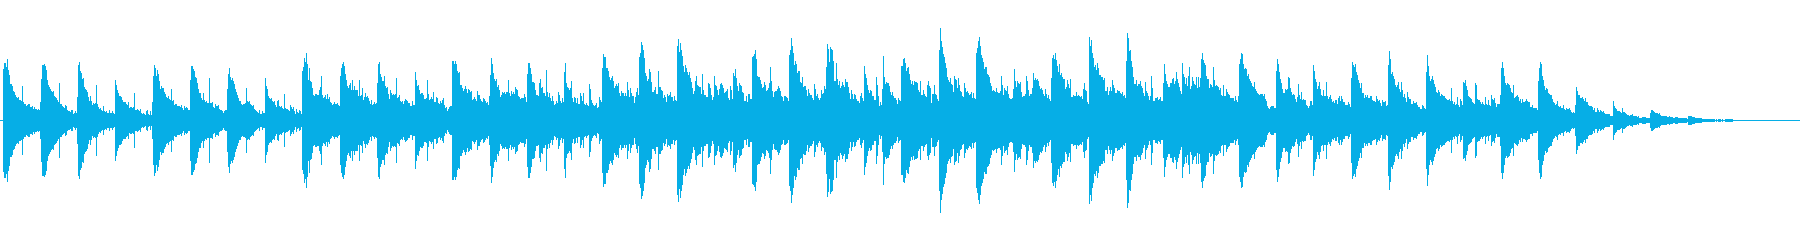 bgm32の再生済みの波形